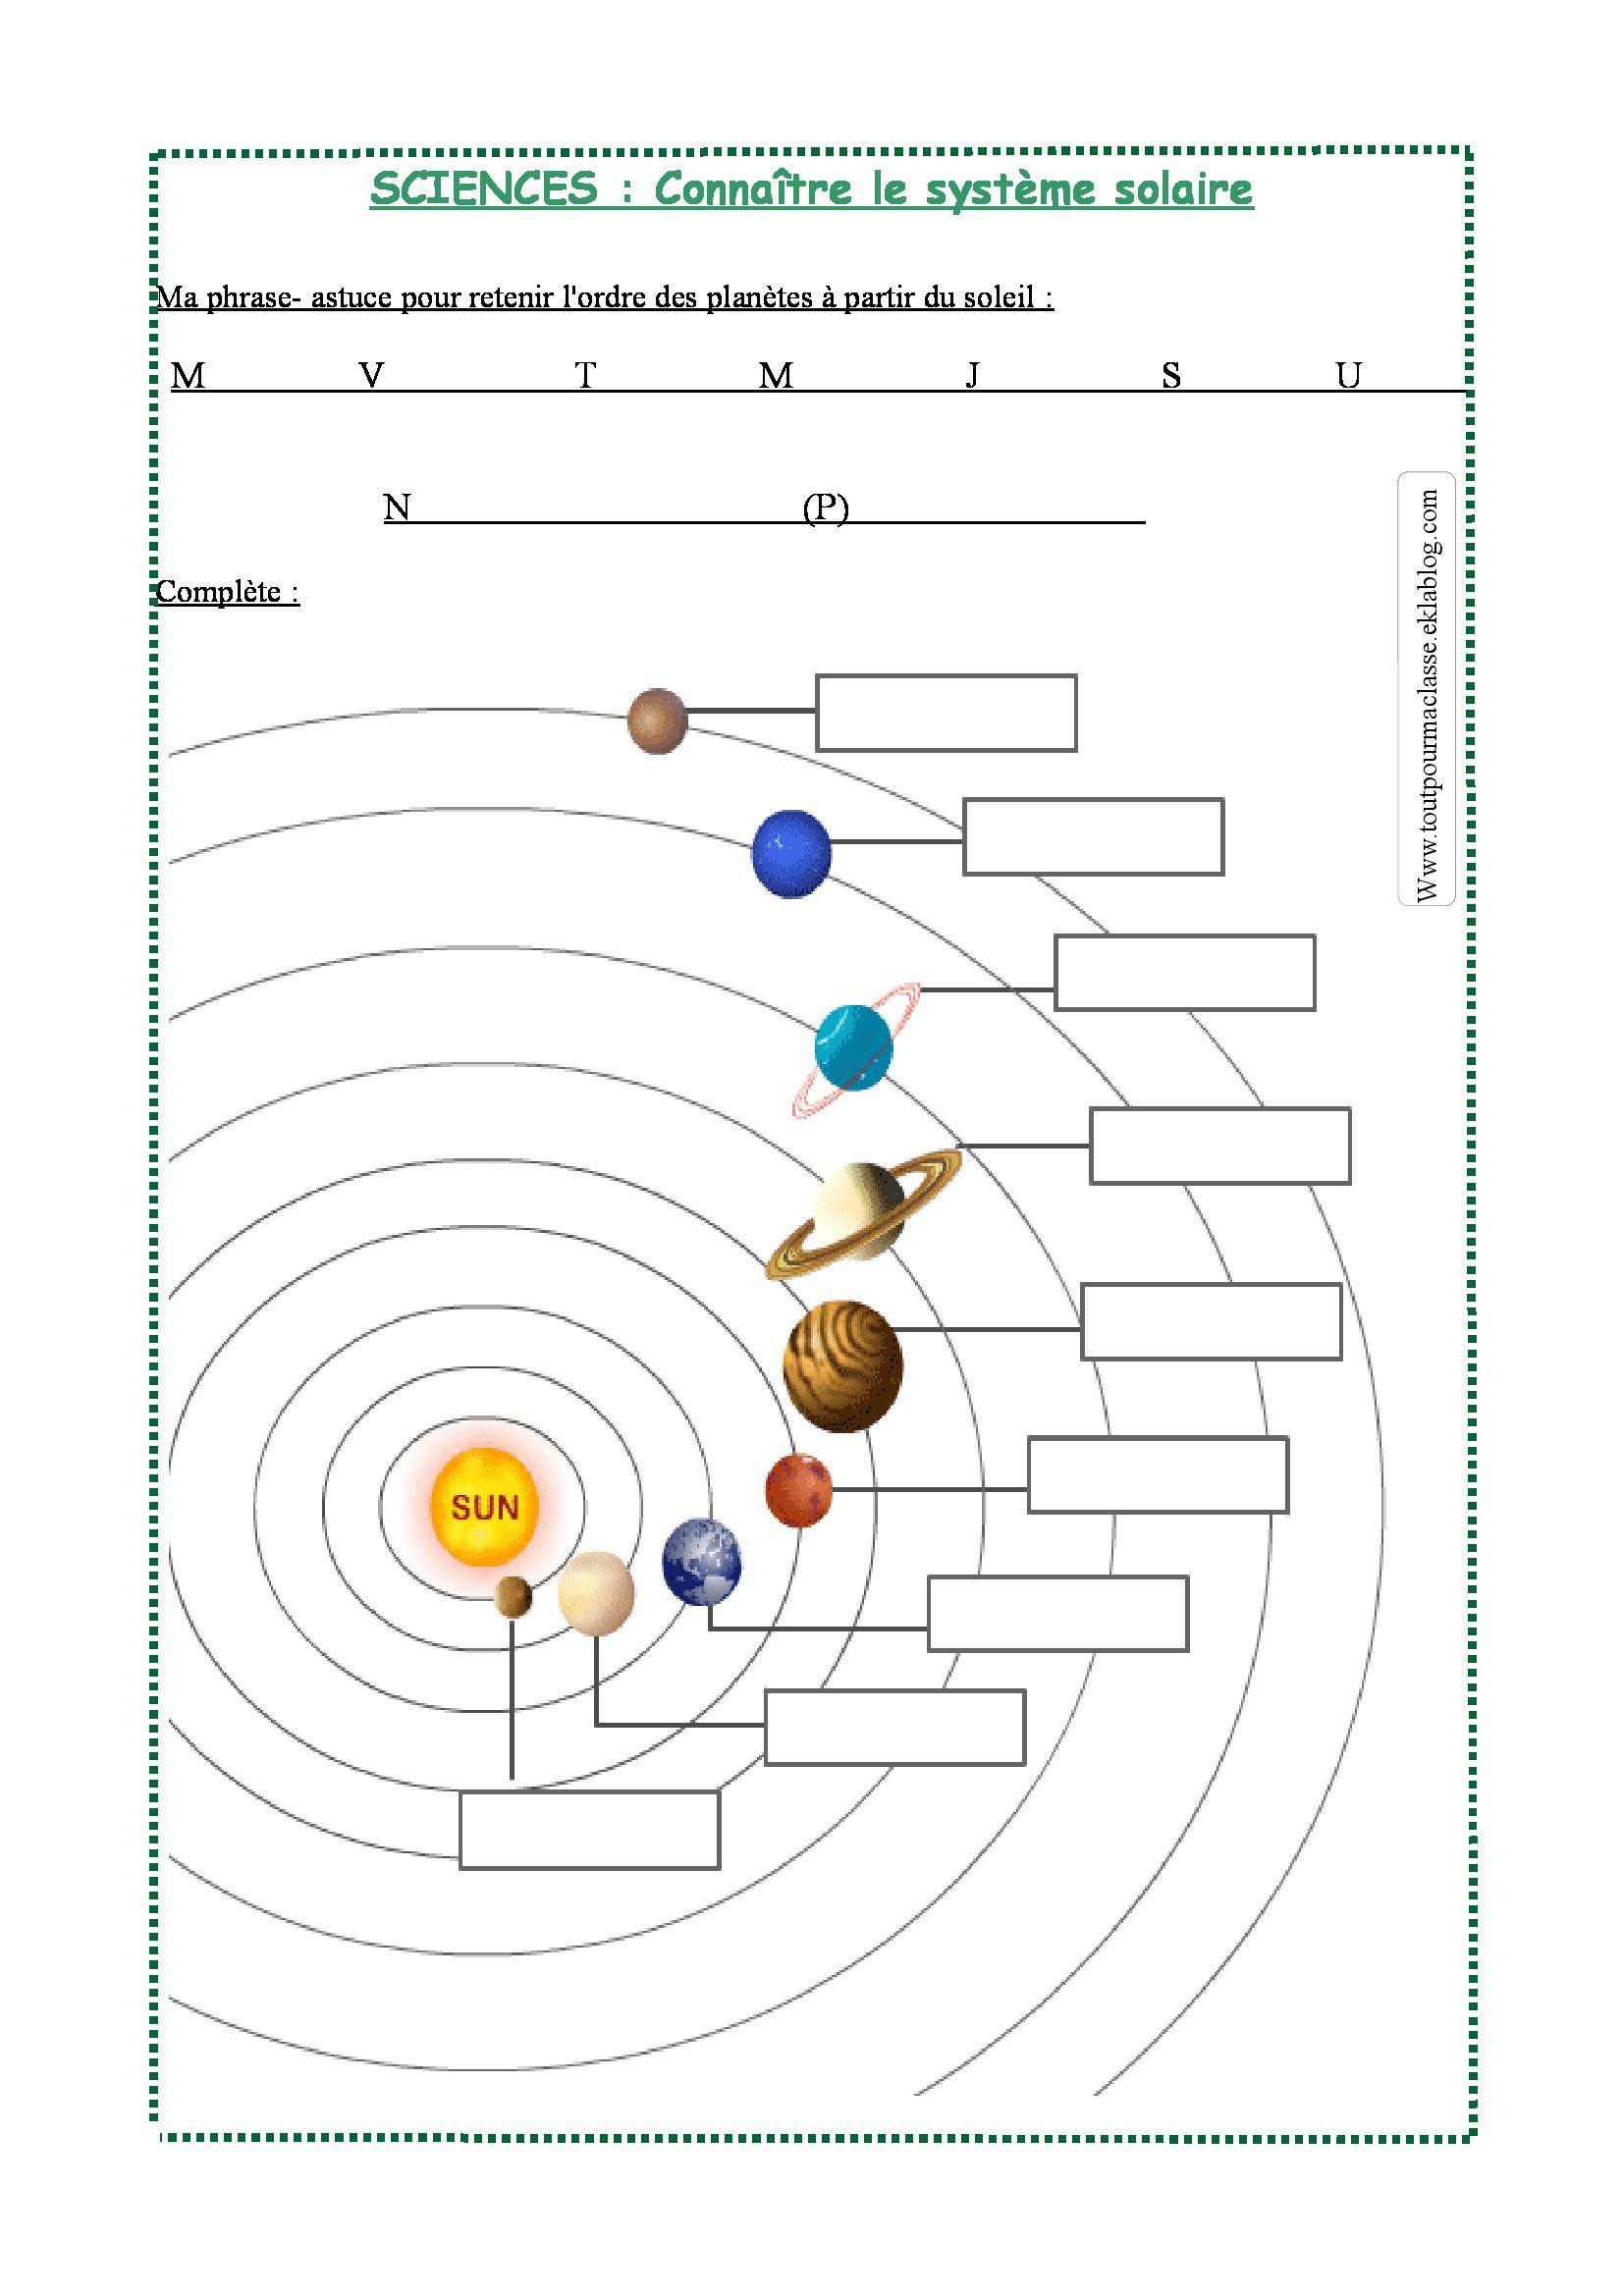 Le Système Solaire | Planete Systeme Solaire, Le Système concernant Dessin Du Système Solaire